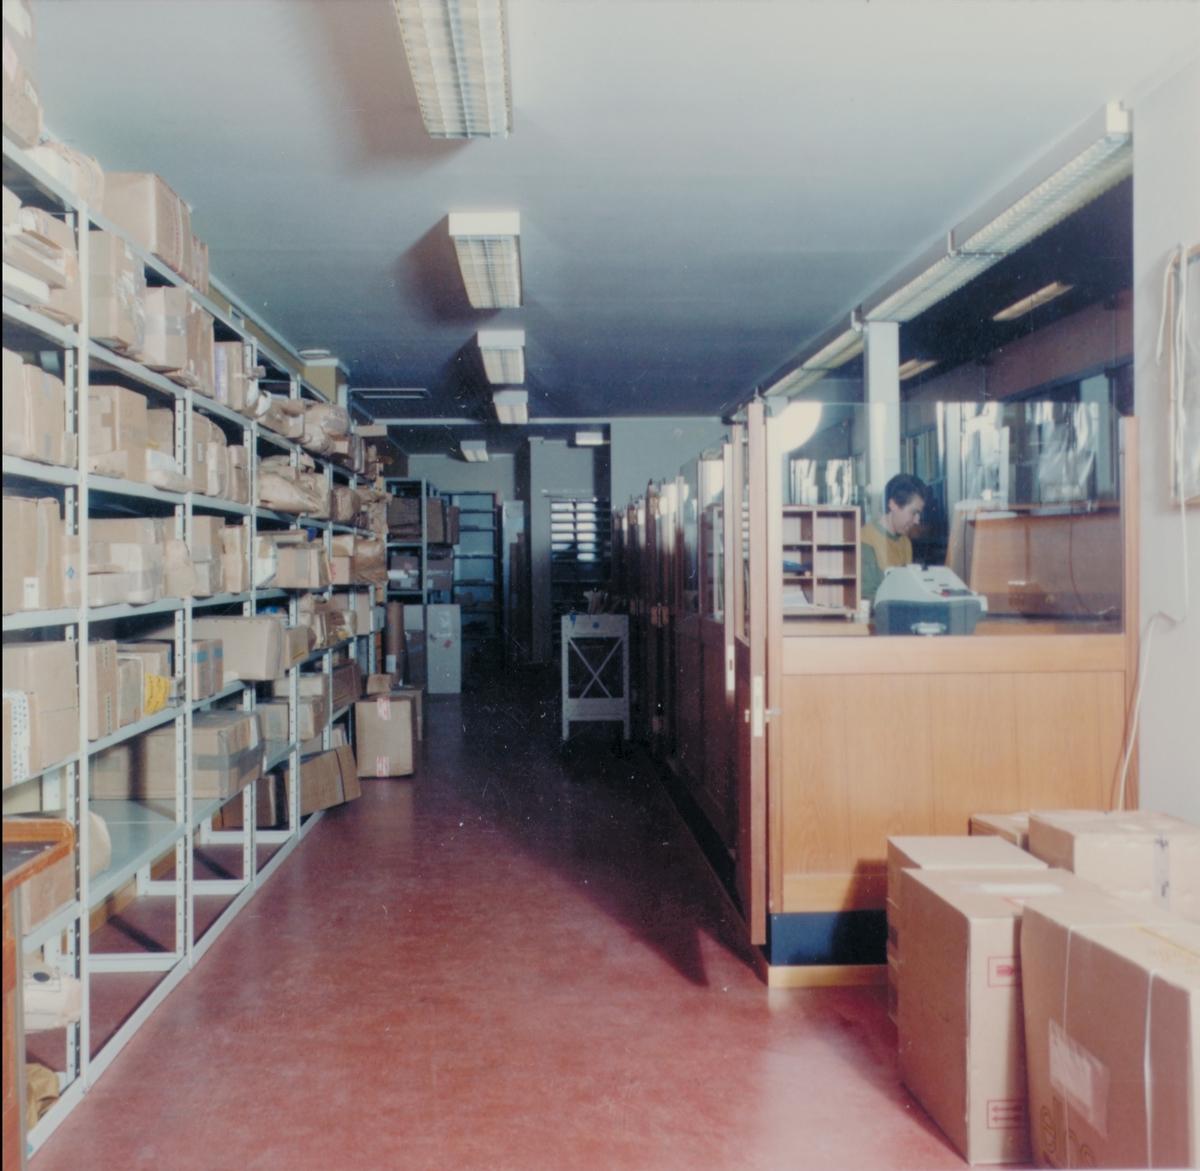 interiør, postkontor, 4950 Risør, ekspedisjon, ekspeditør, pakker